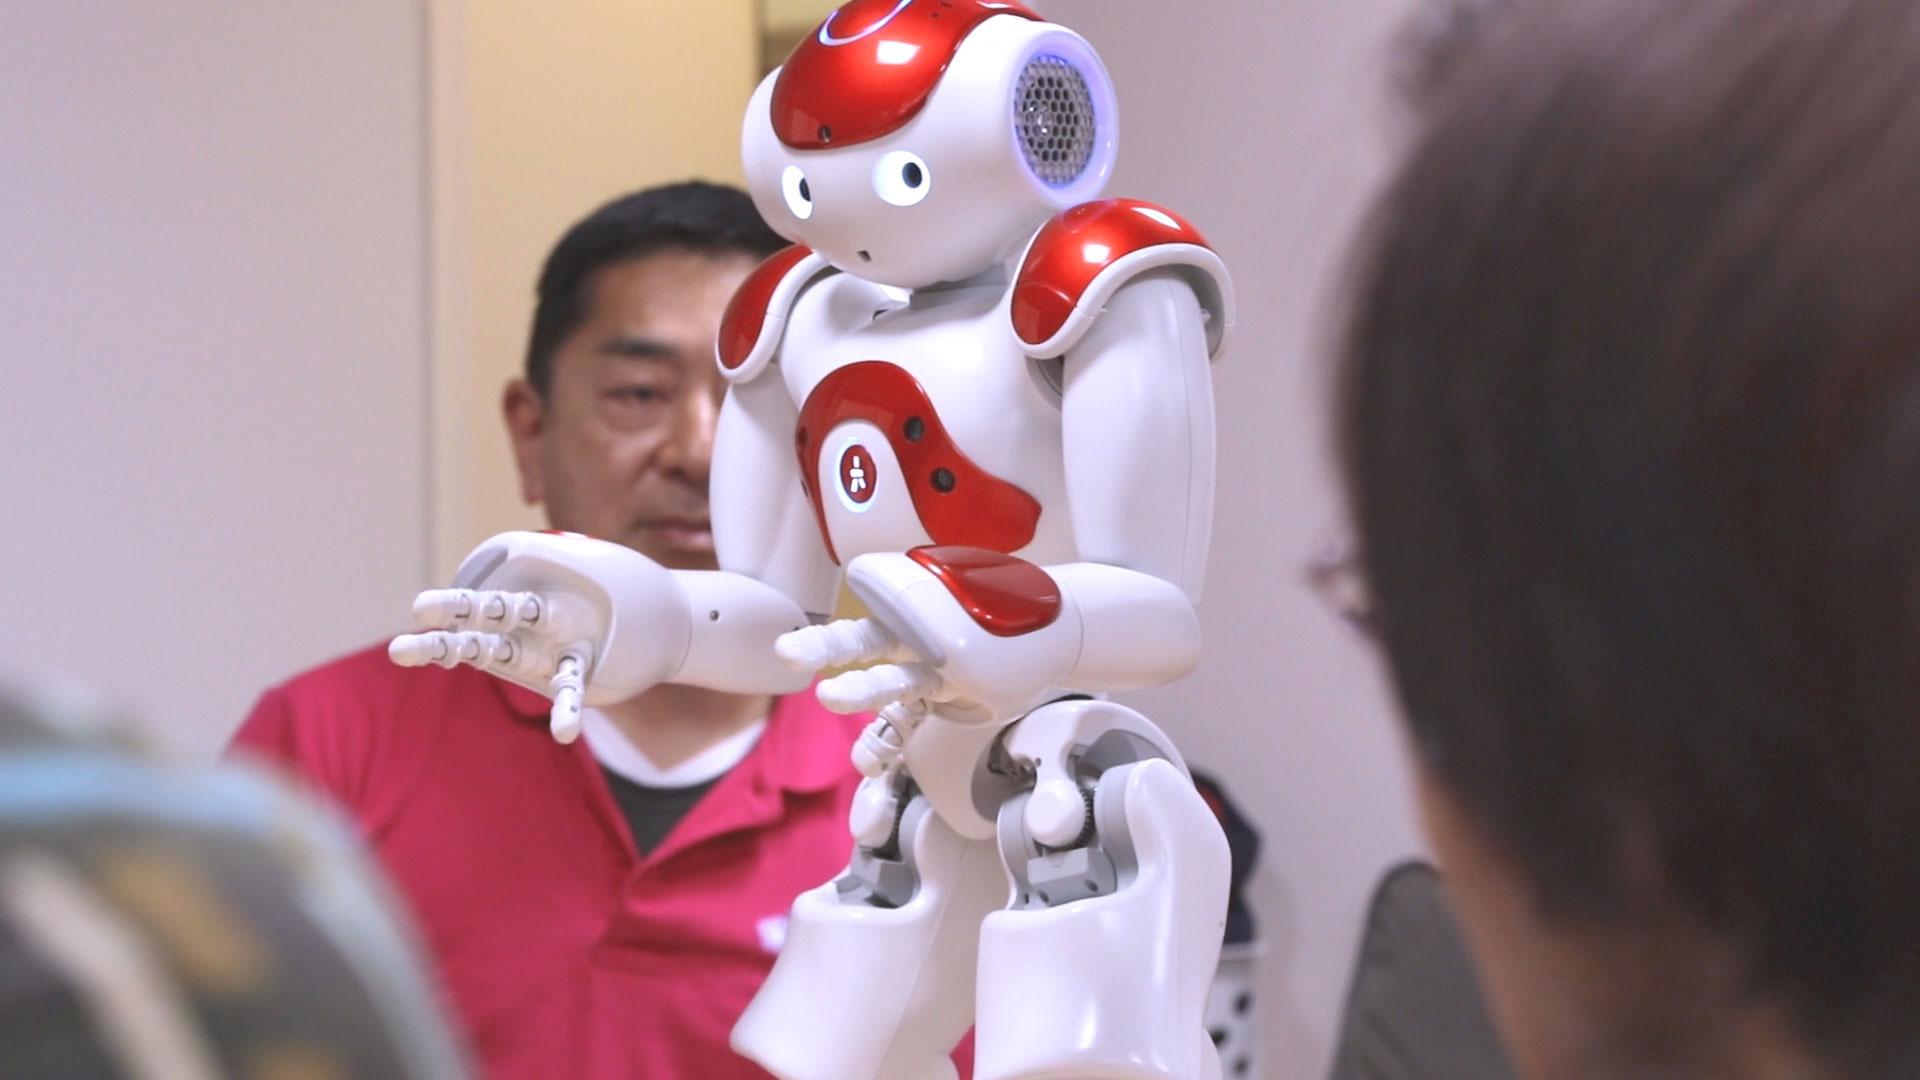 介護施設におけるヒューマノイドロボットの活用